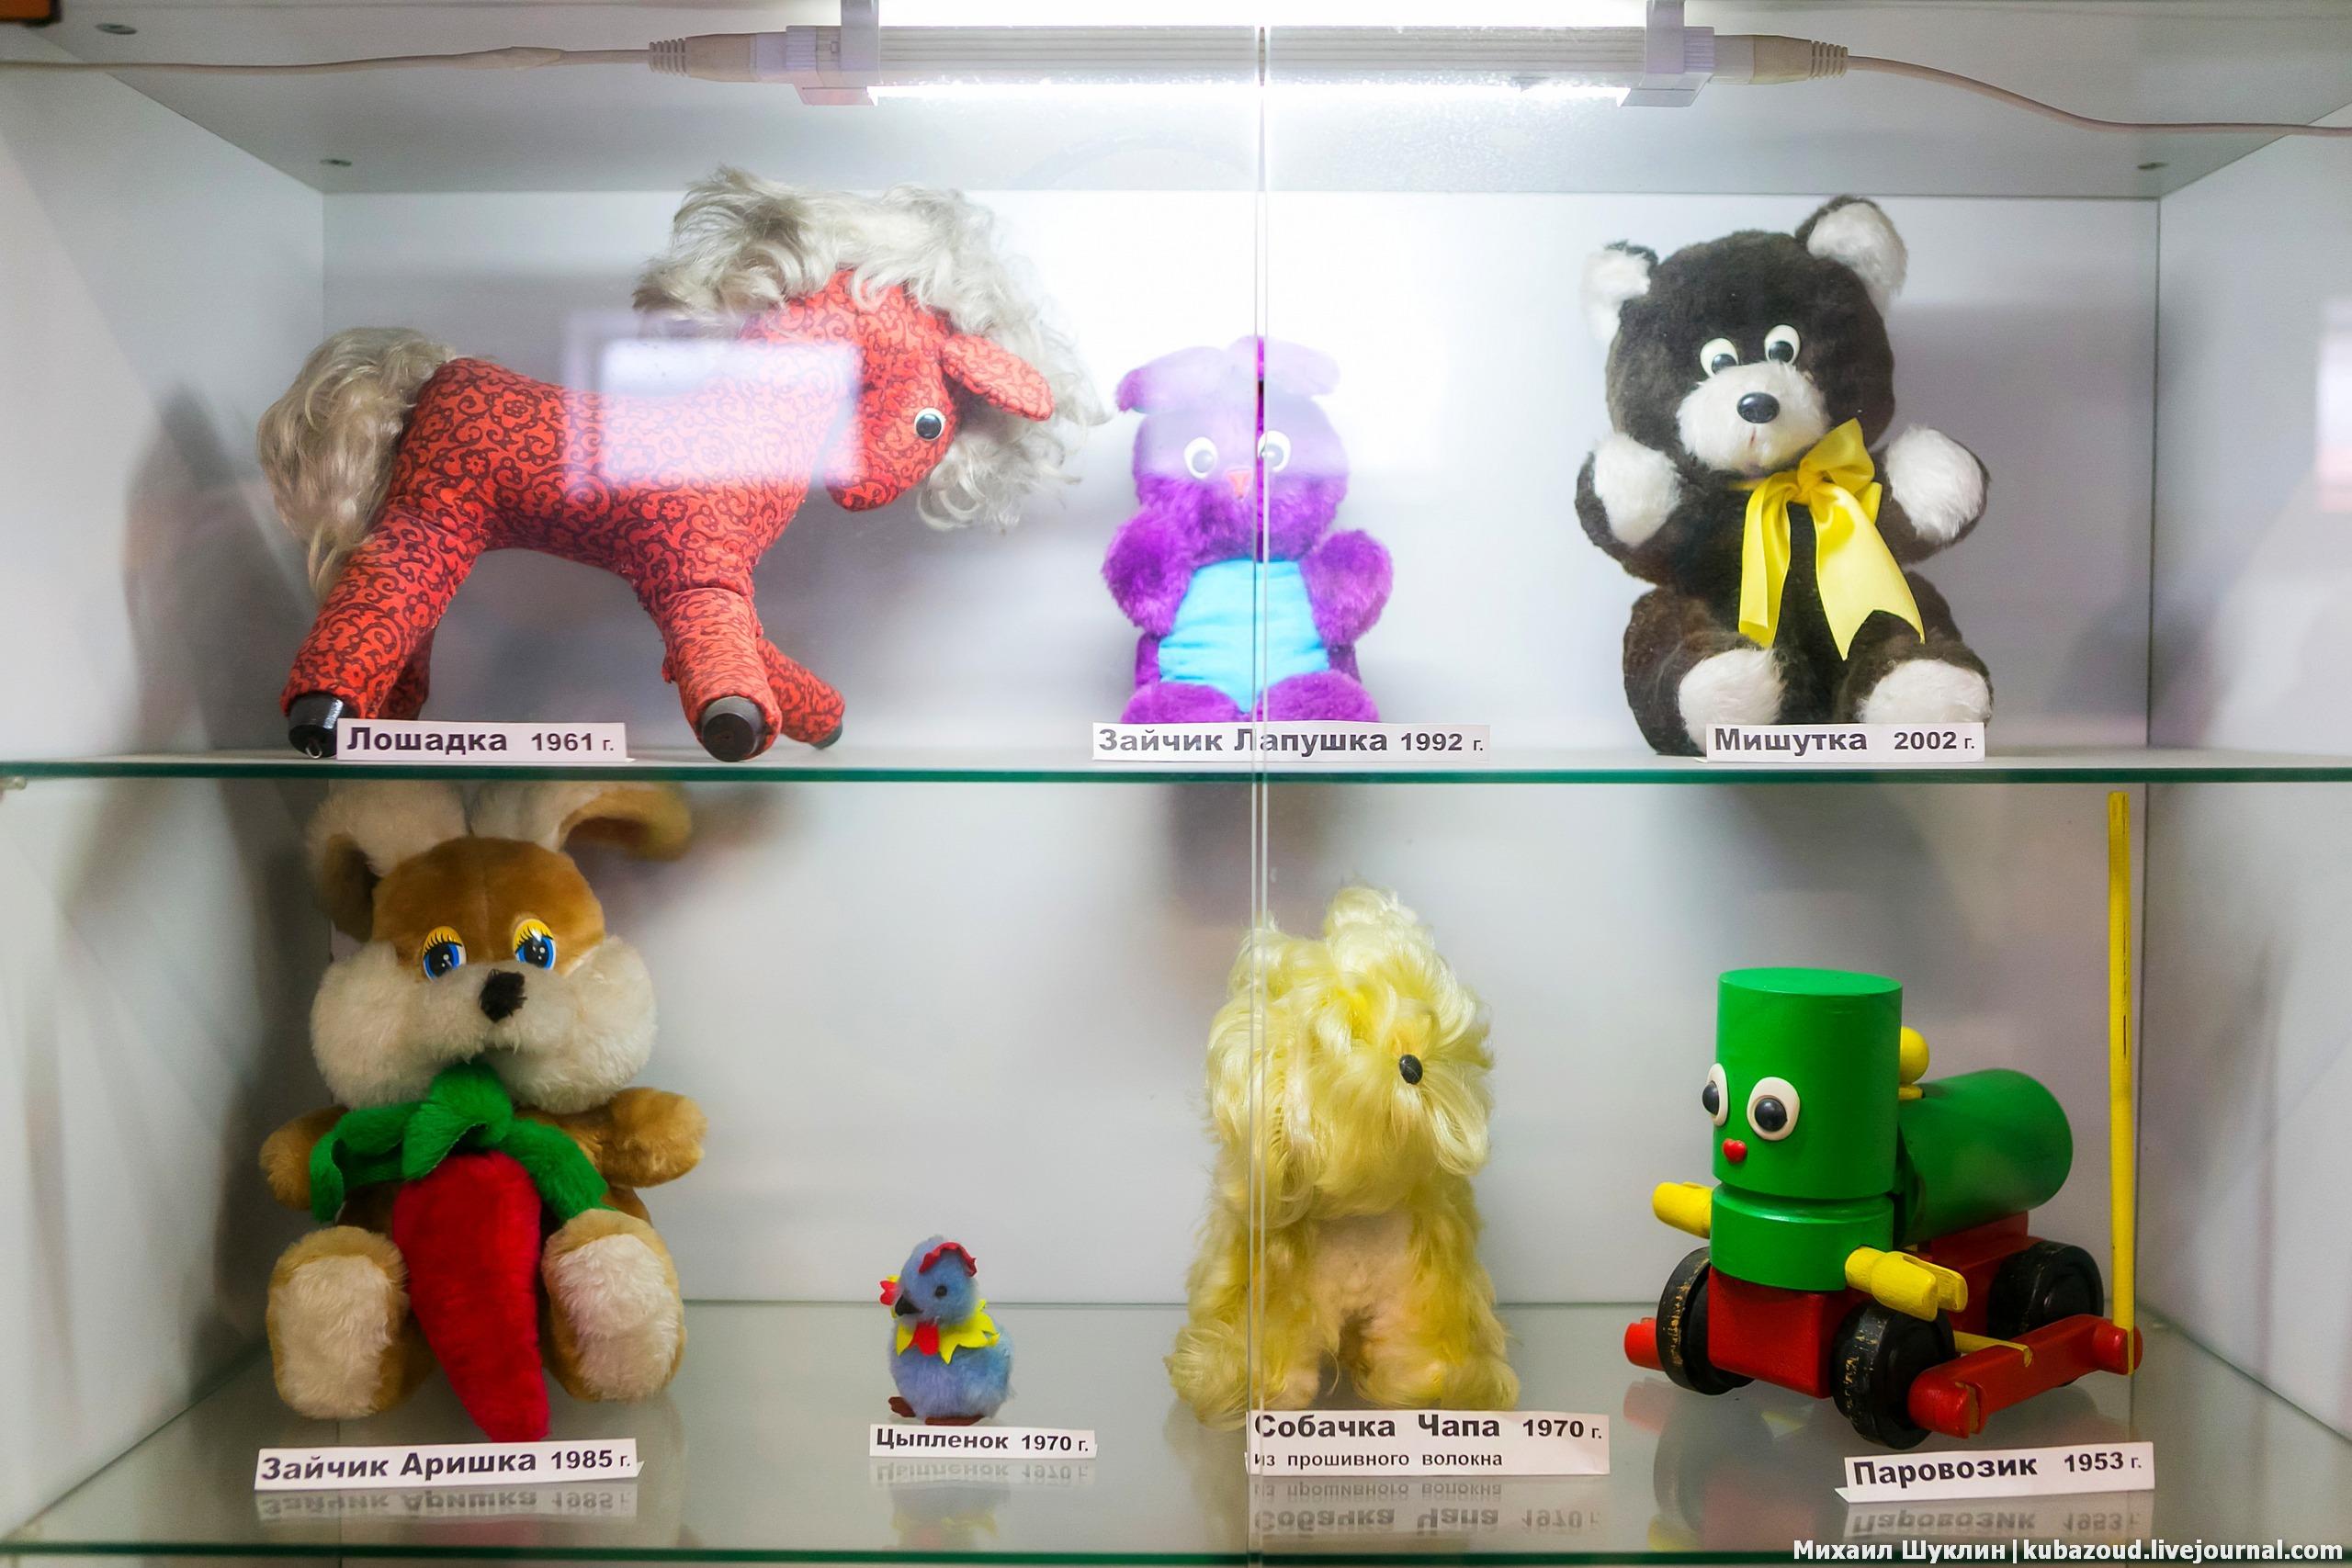 Доклад о фабрике игрушек 5179